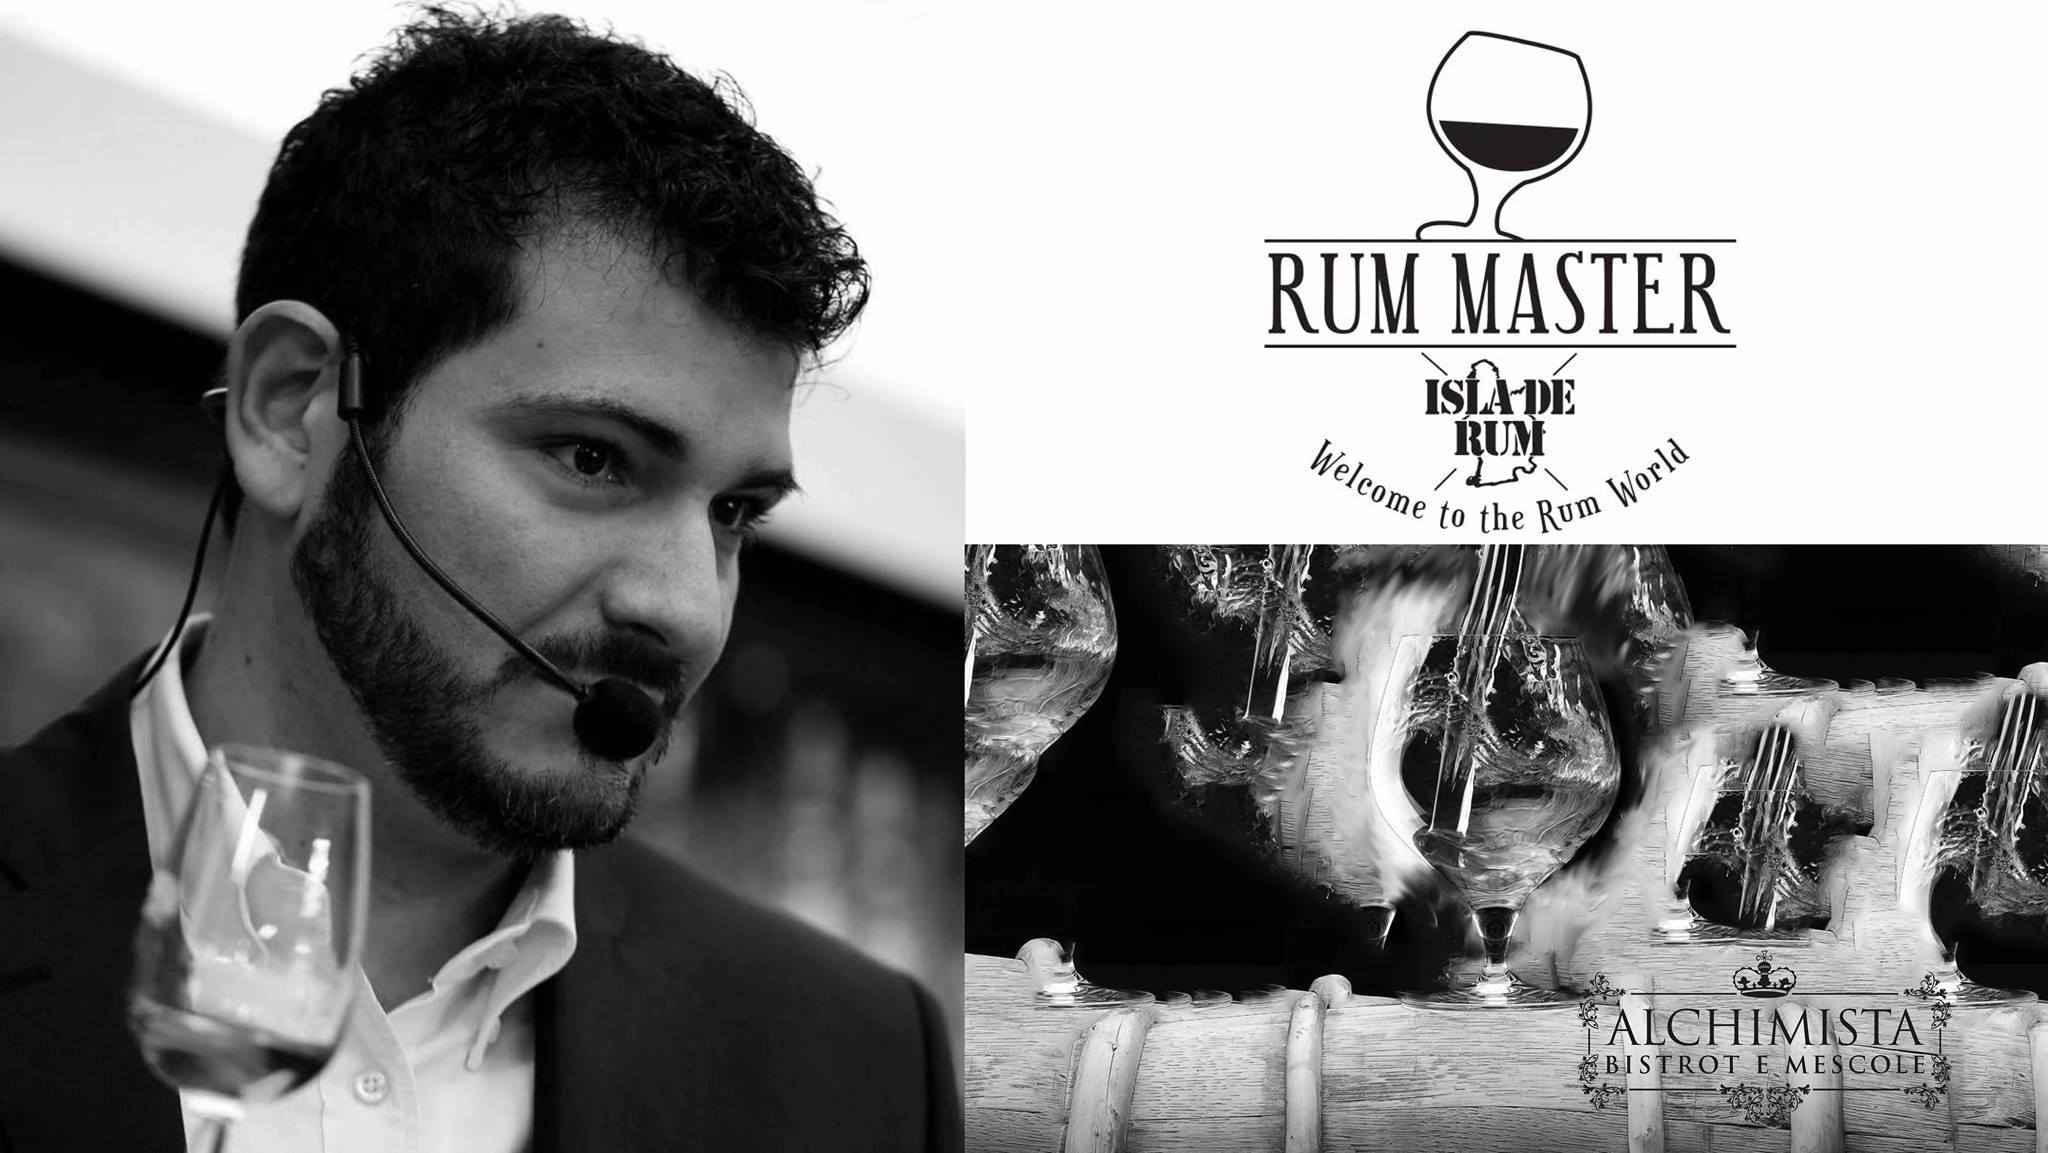 rum-master-alchimista-mar2017